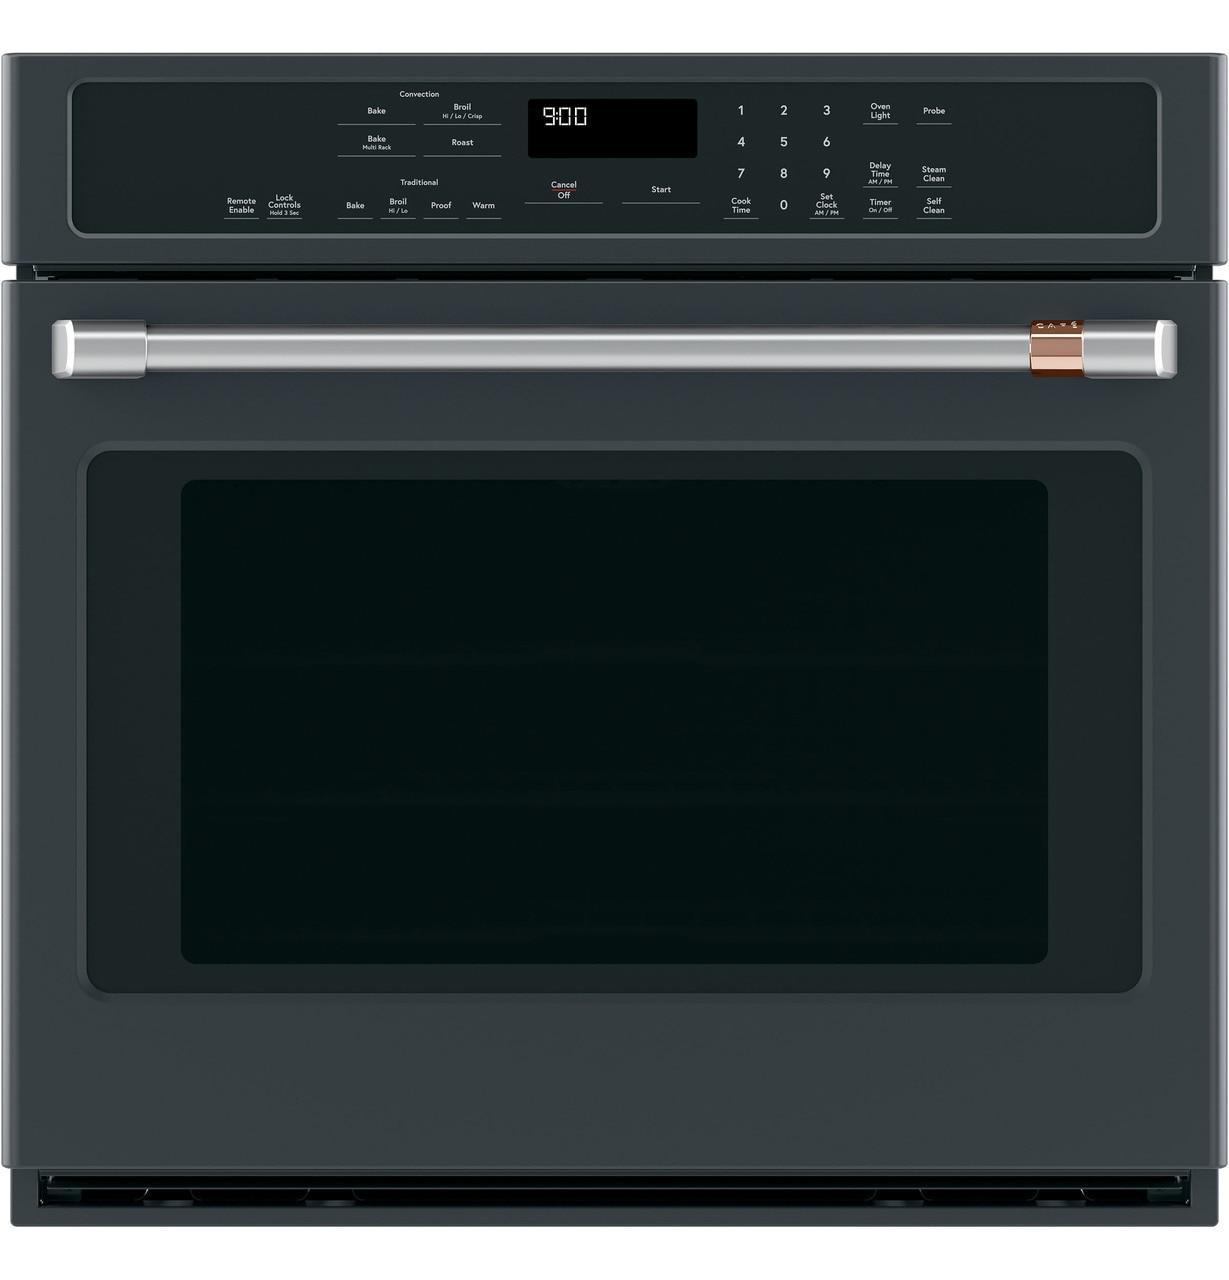 Cafe Appliances Ovens